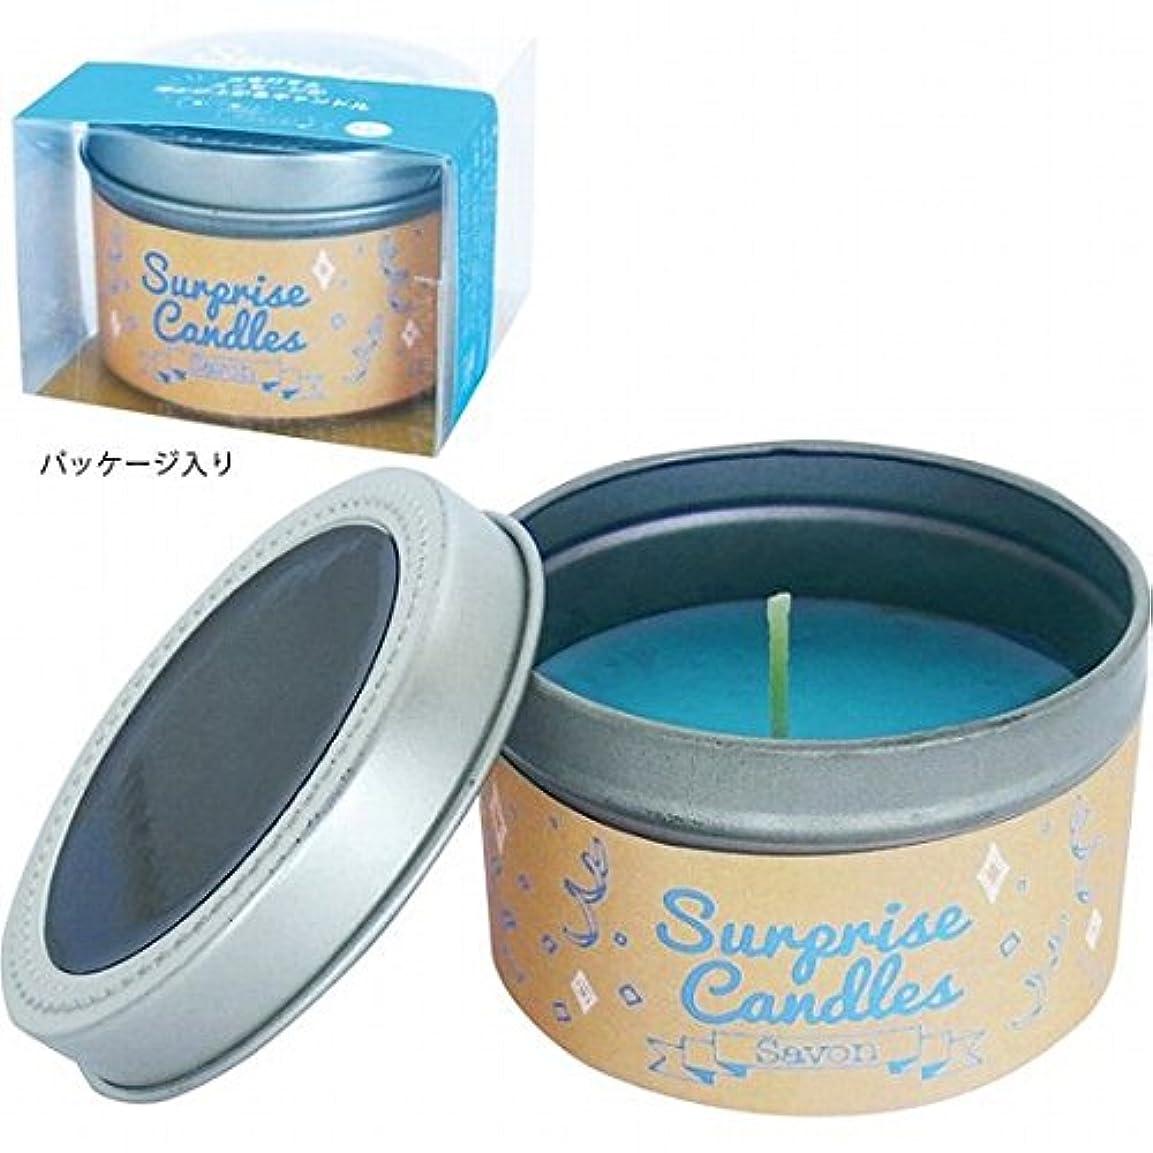 チャーミング生態学kameyama candle(カメヤマキャンドル) サプライズキャンドル 「サボン」(A207005030)